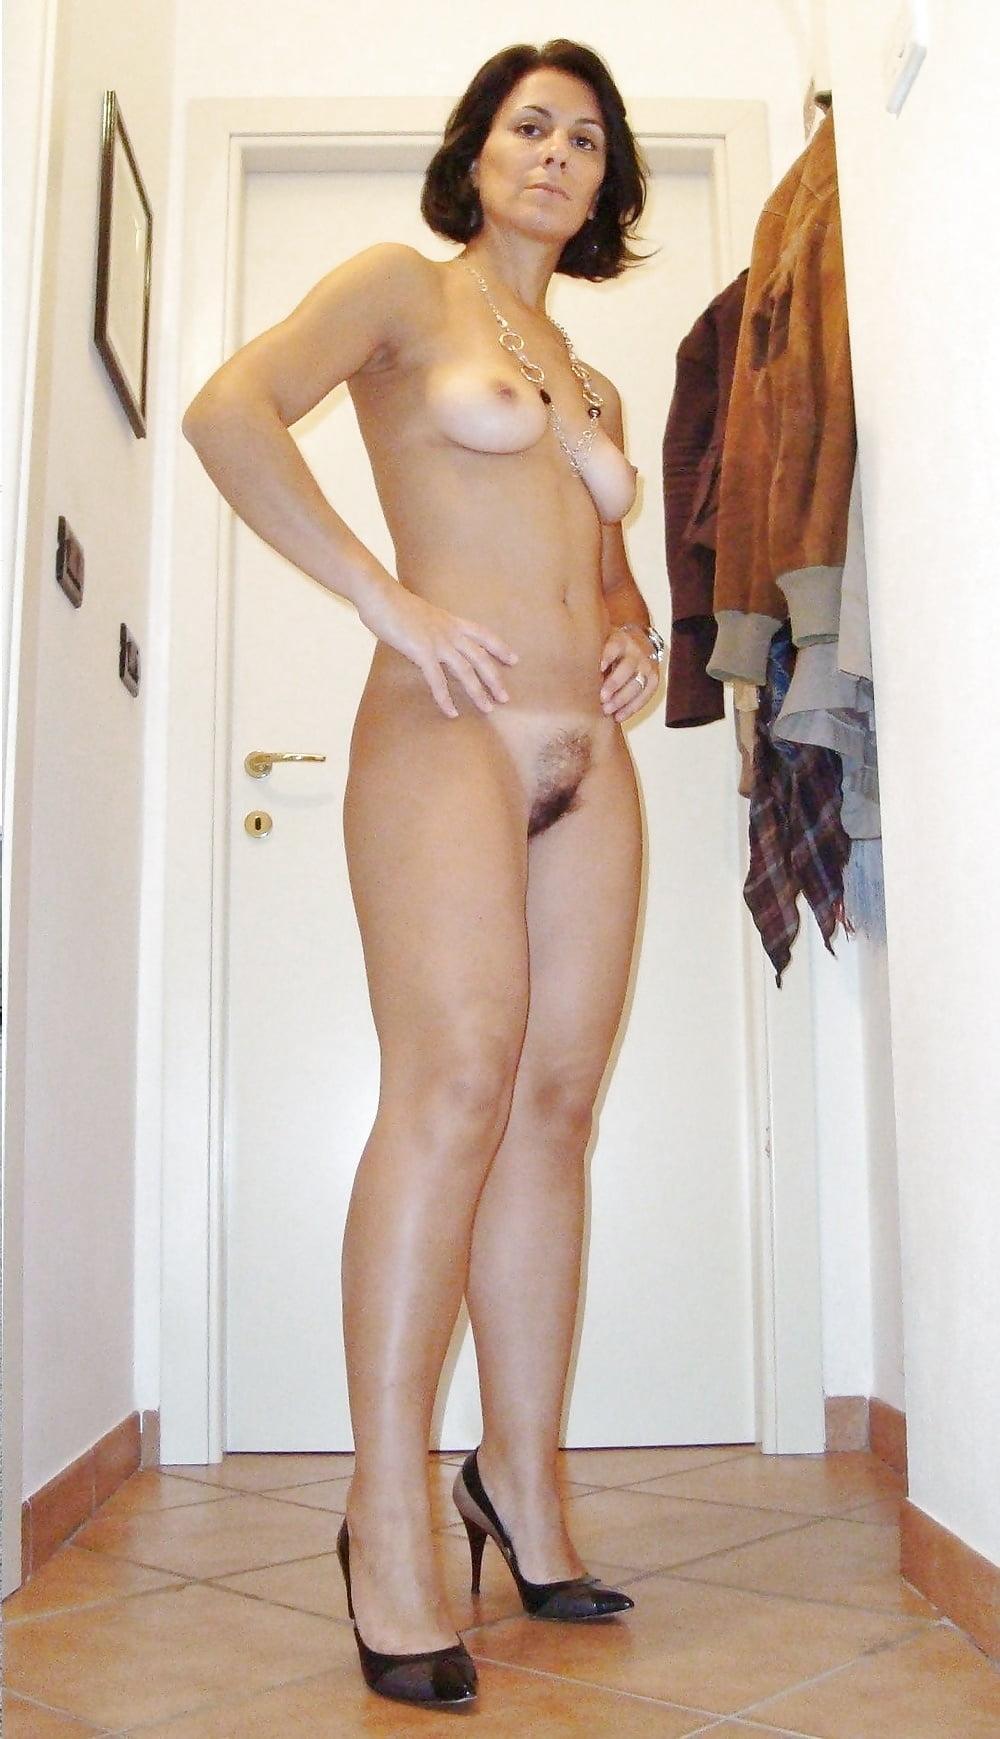 бритые пизды зрелые женщины раздеваются красивые фото довольно осторожно